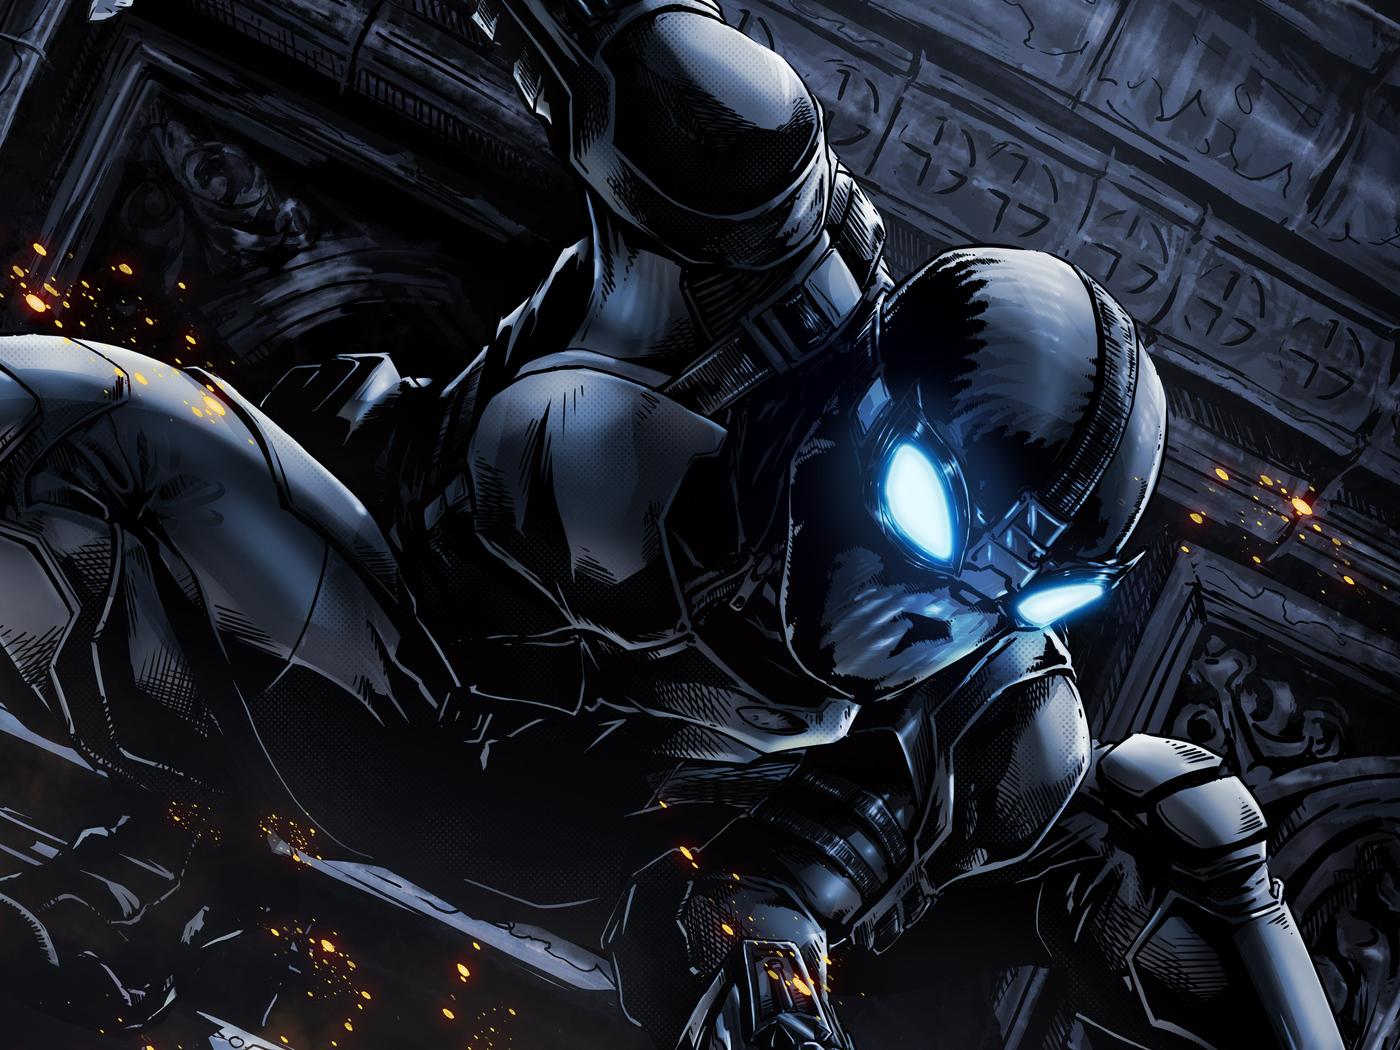 black-spiderman-4k-2020-nu.jpg